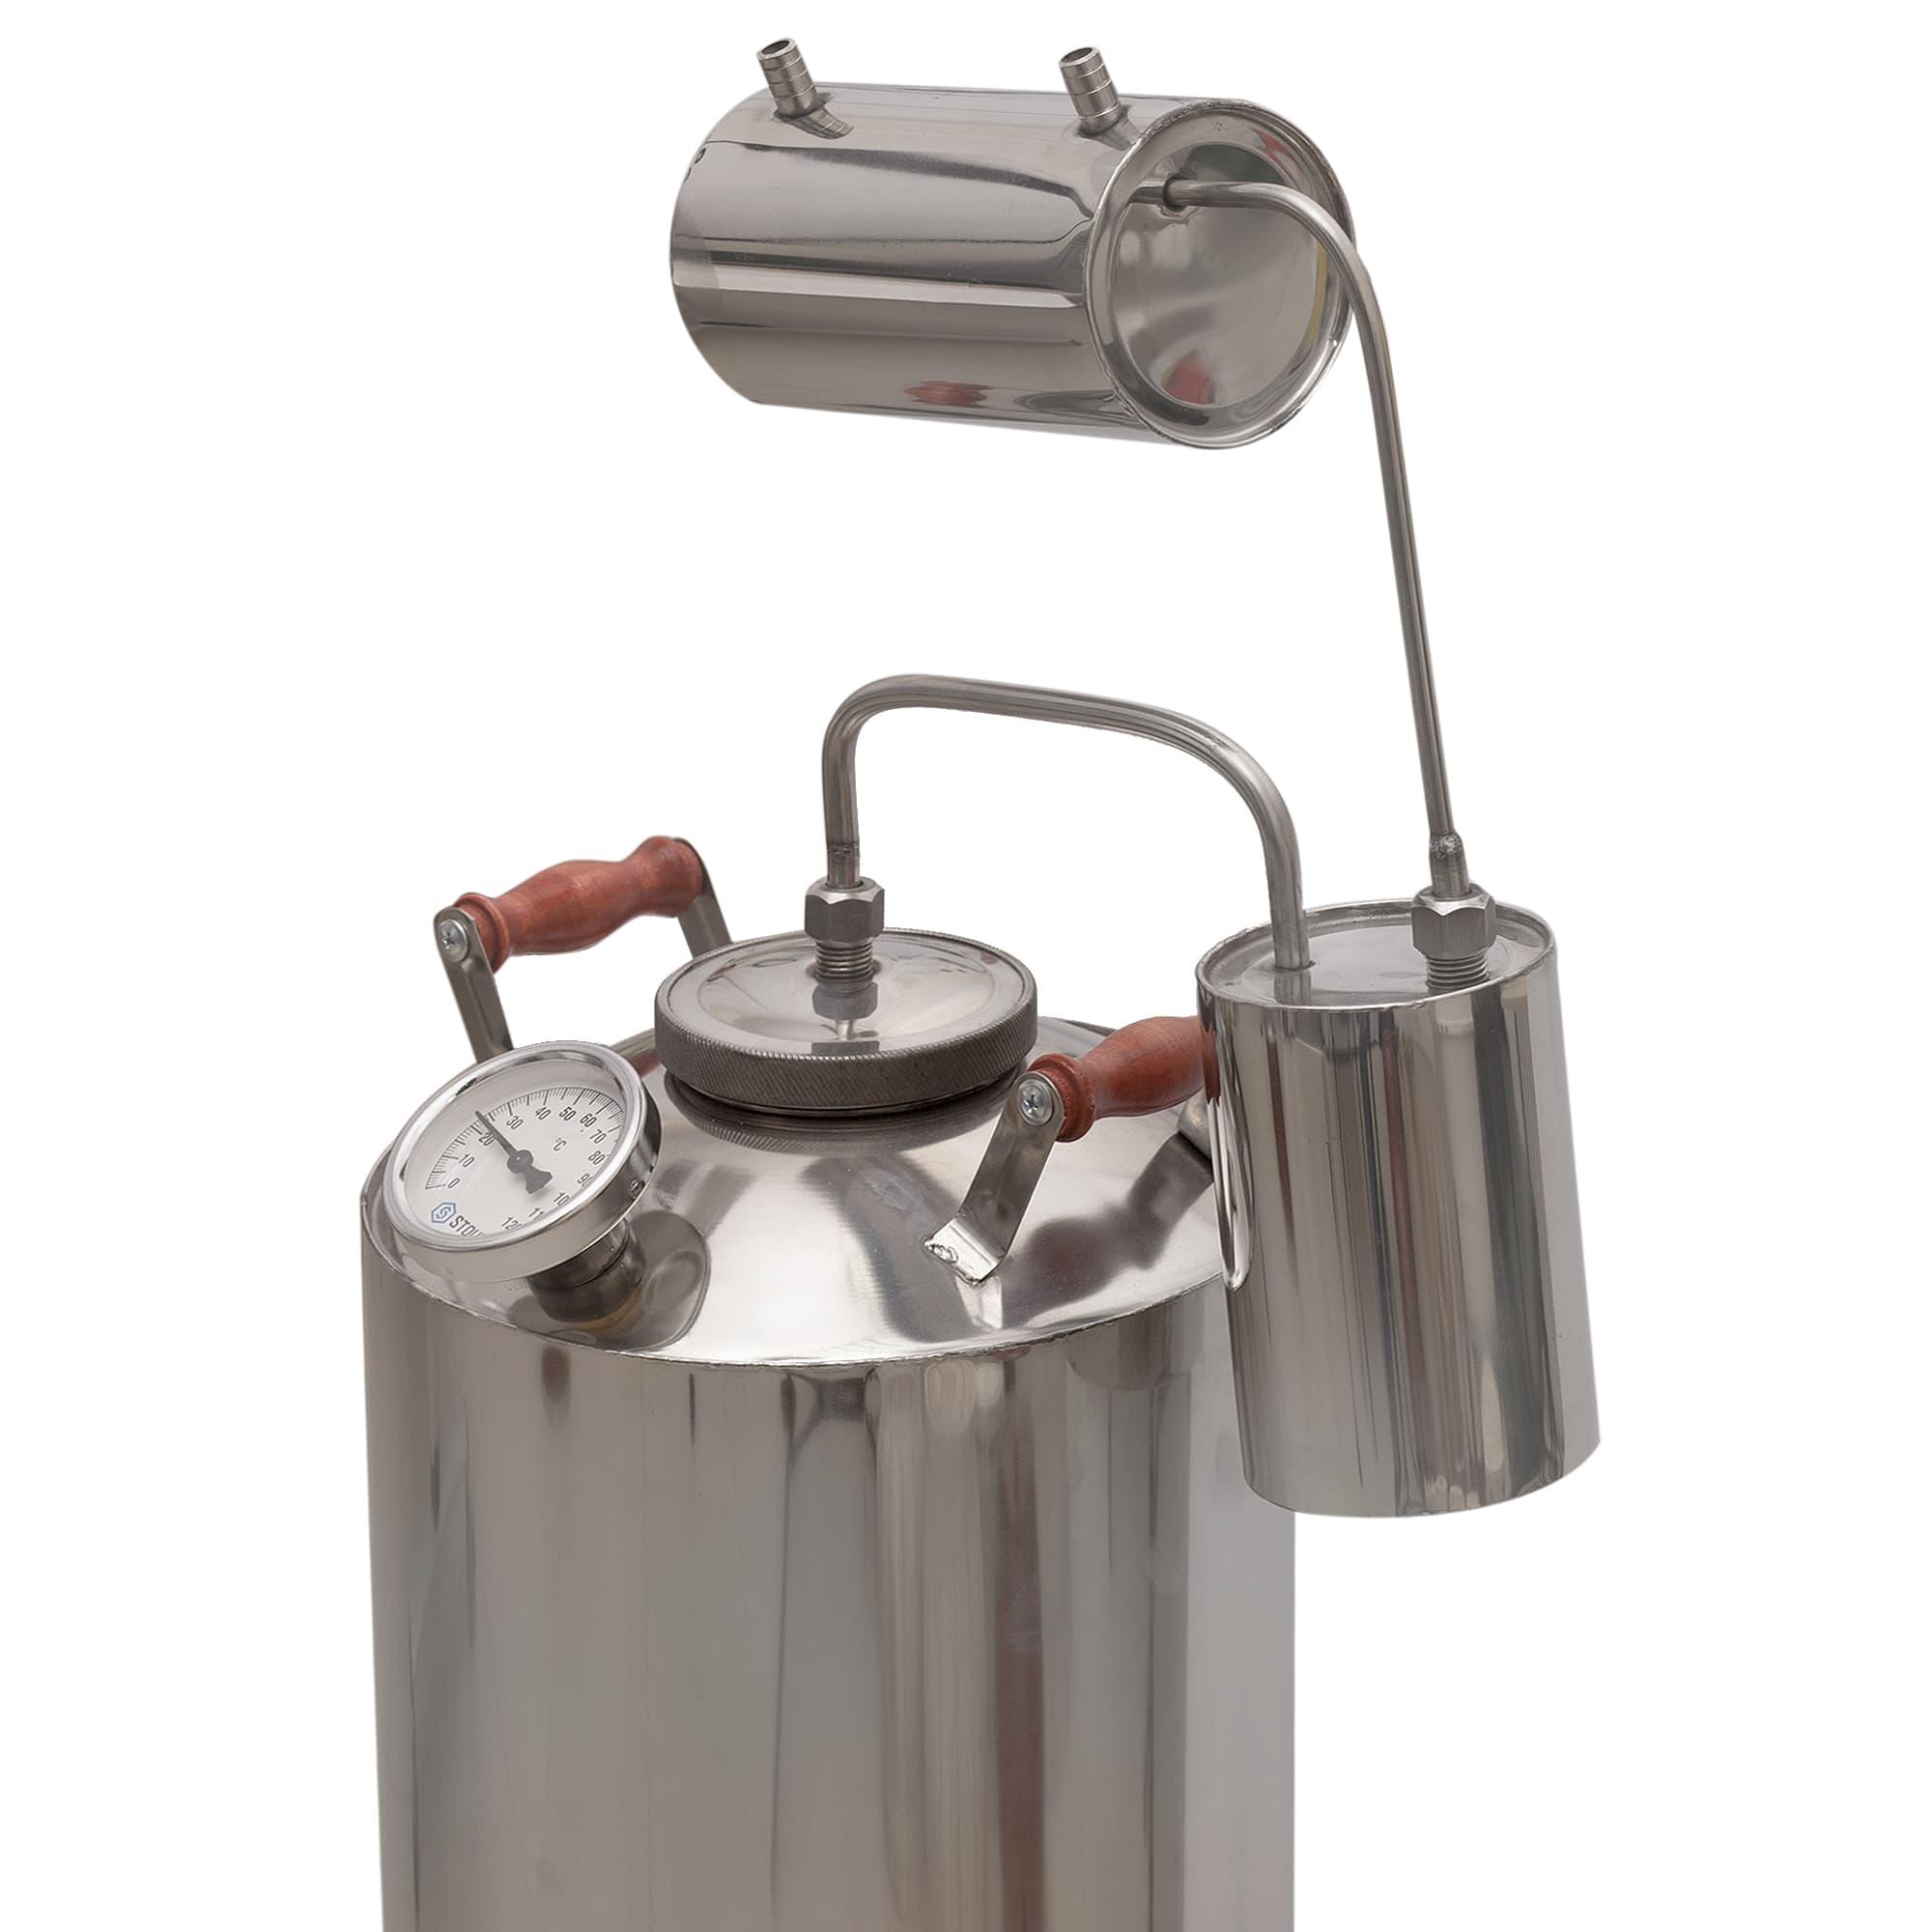 Купить самогонный аппарат в леруа мерлен самогонный аппарат архангельск